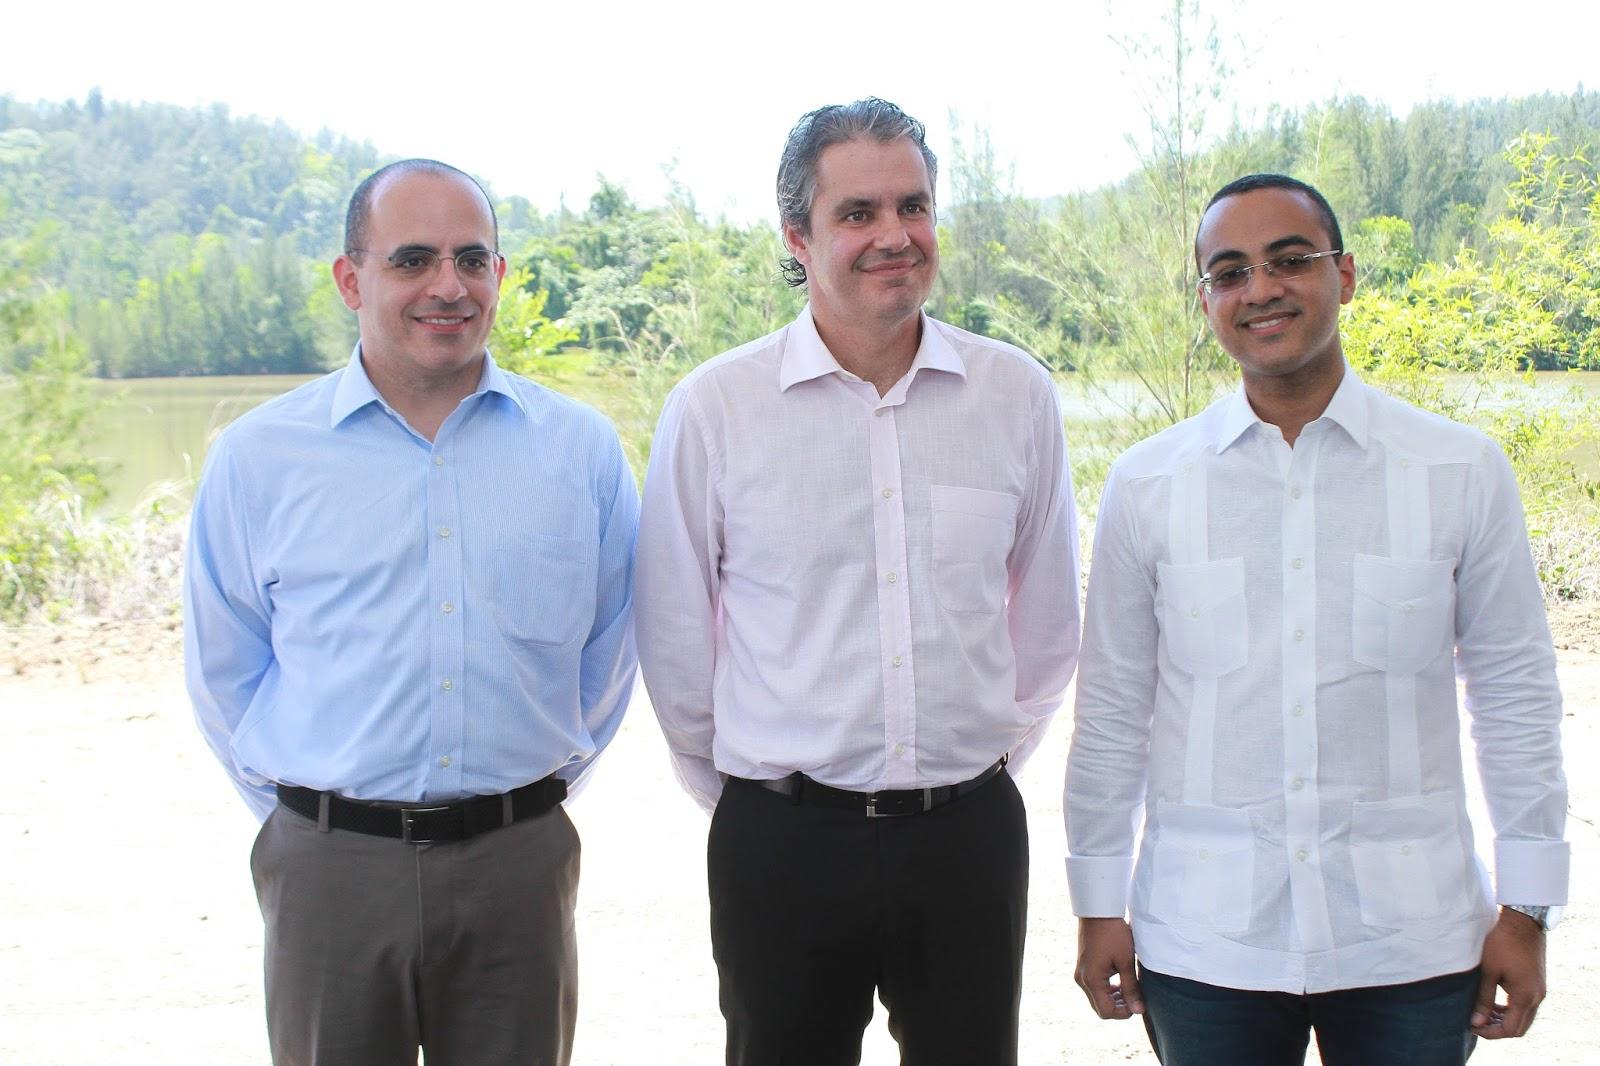 Accionistas de Americano Nickel visitan República Dominicana para reafirmar el compromiso de Falcondo con la minería responsable